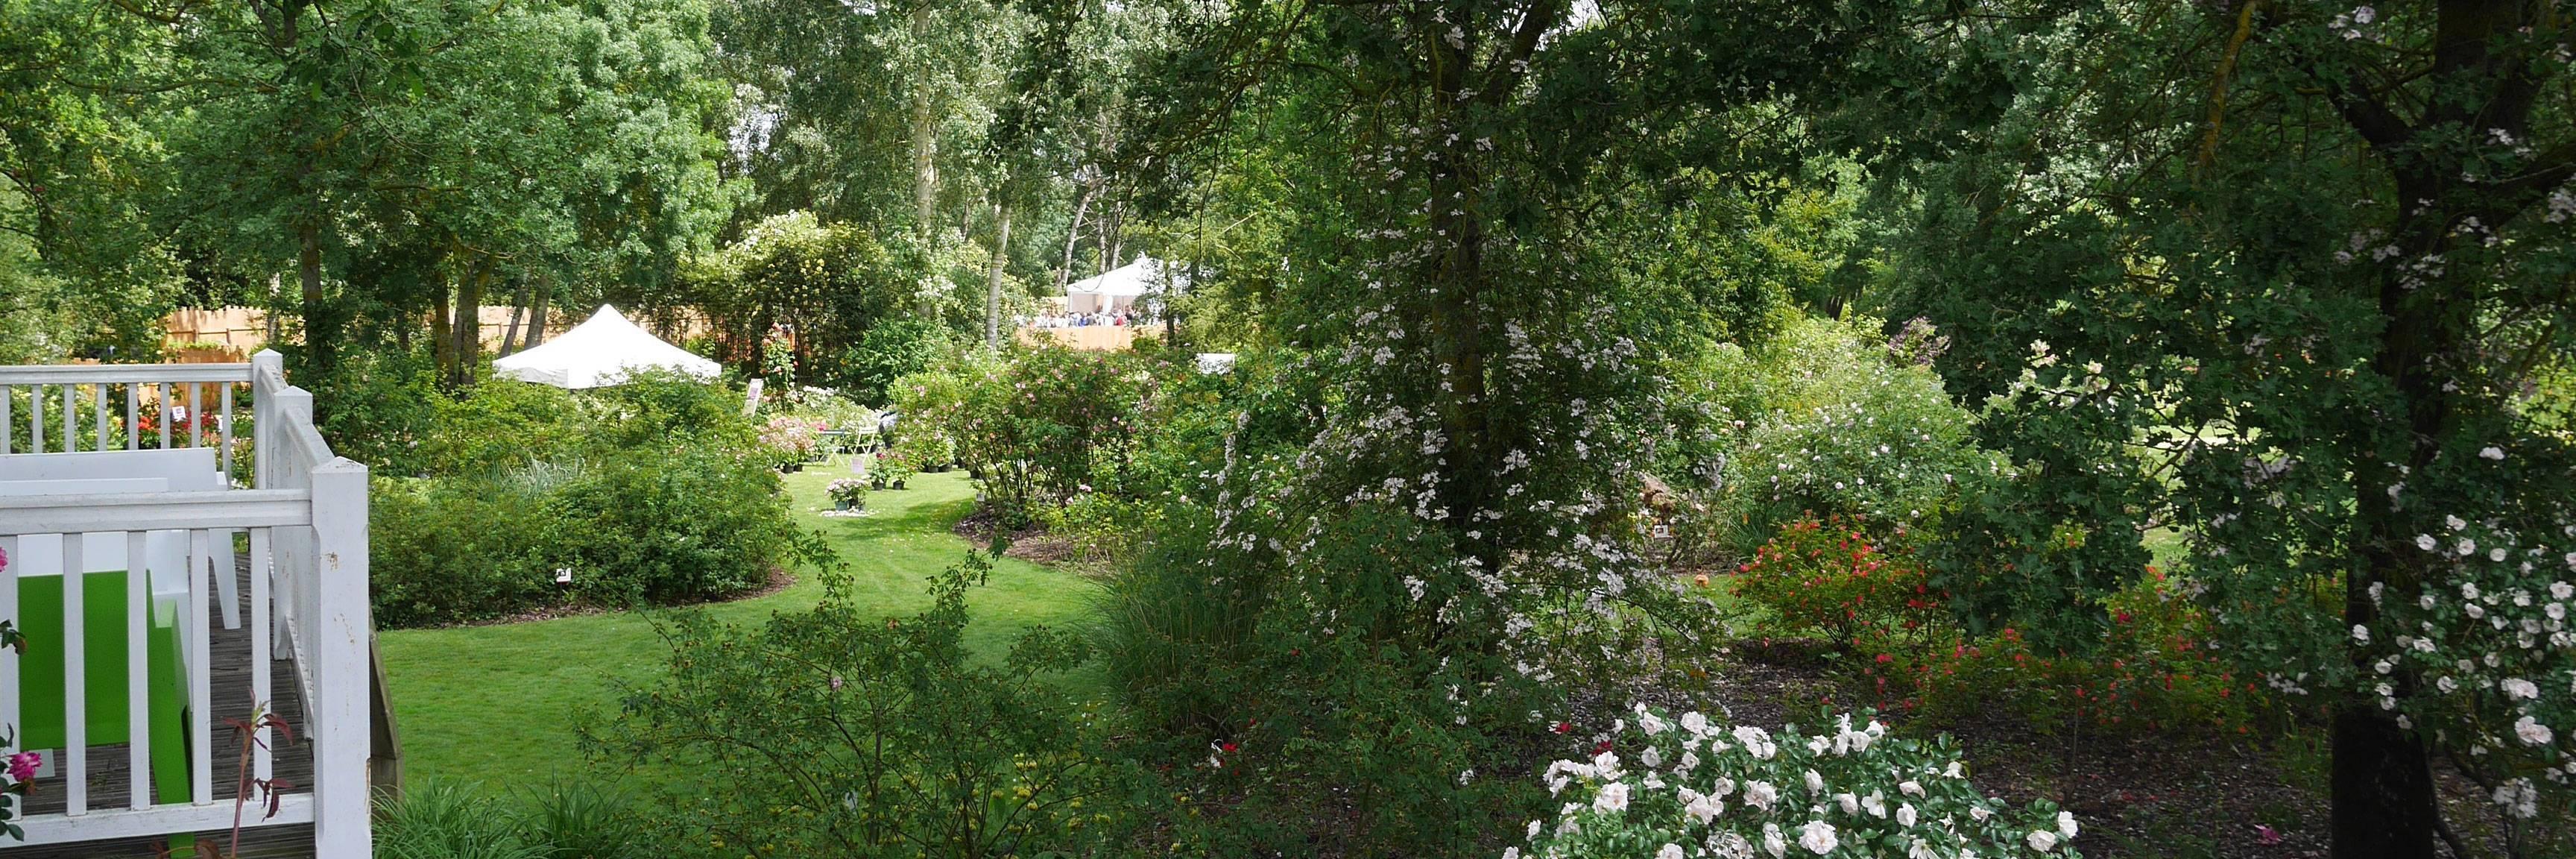 Espace réception au jardin des roses à Doué-la-Fontaine